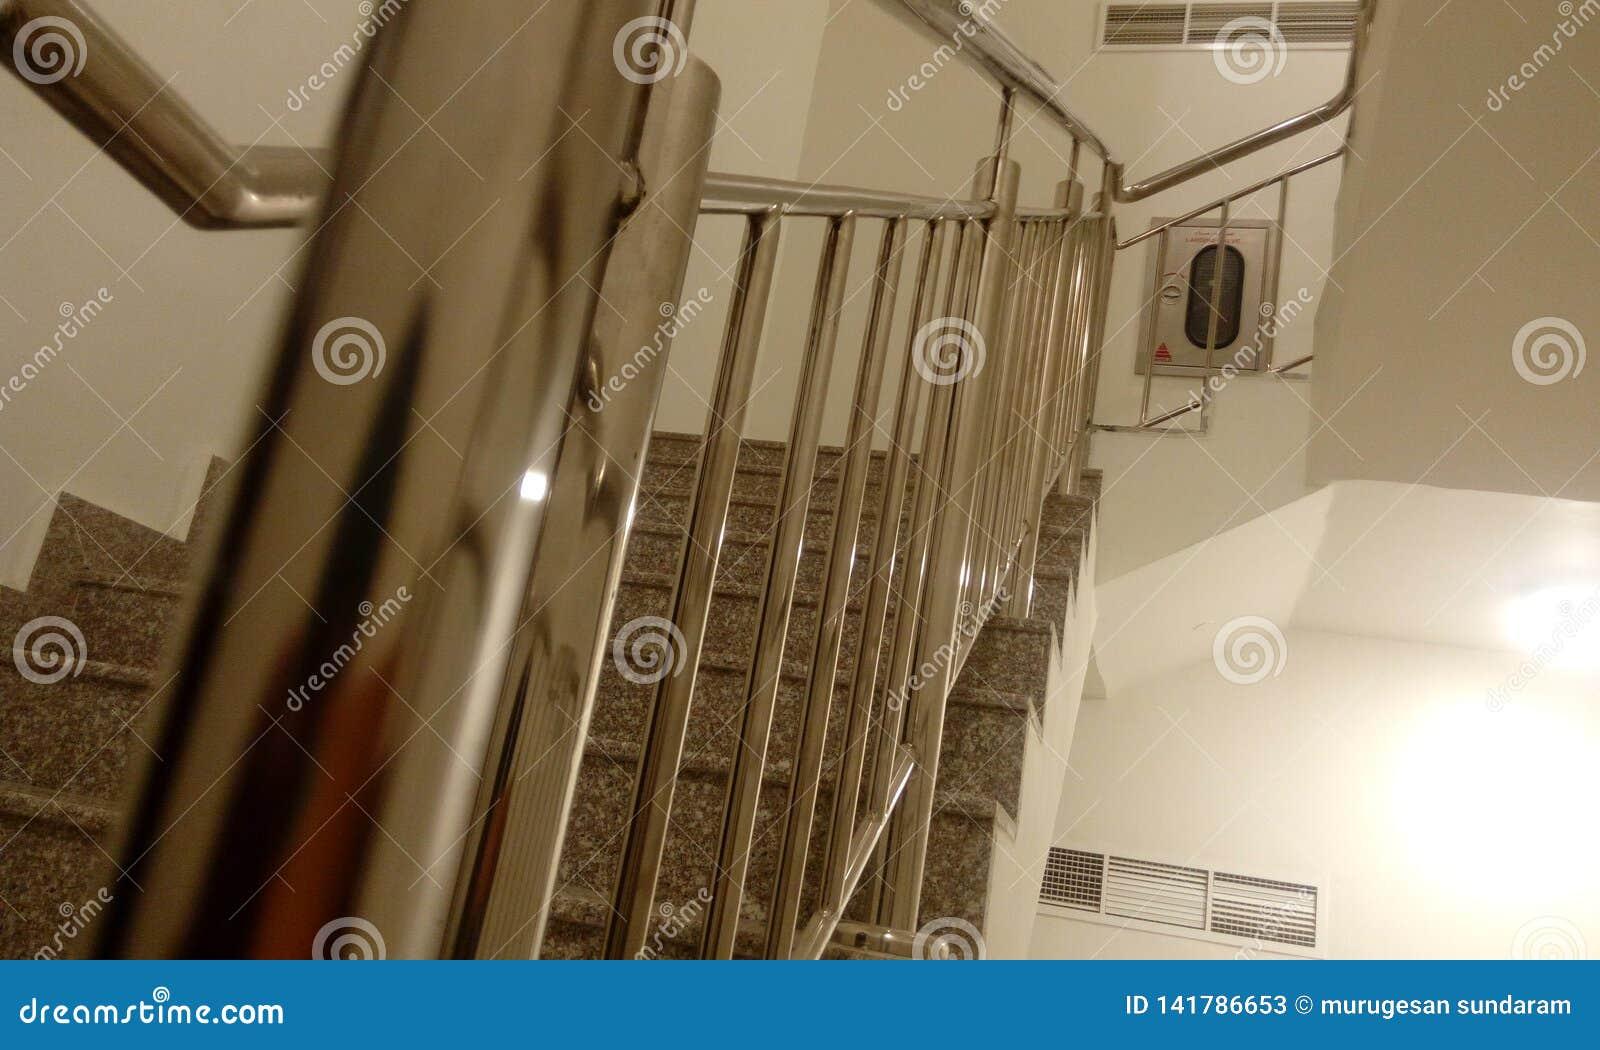 Balustrade d acier inoxydable avec les balustrades en acier dans le bâtiment commercial ayant beaucoup d étages de la dalle midla